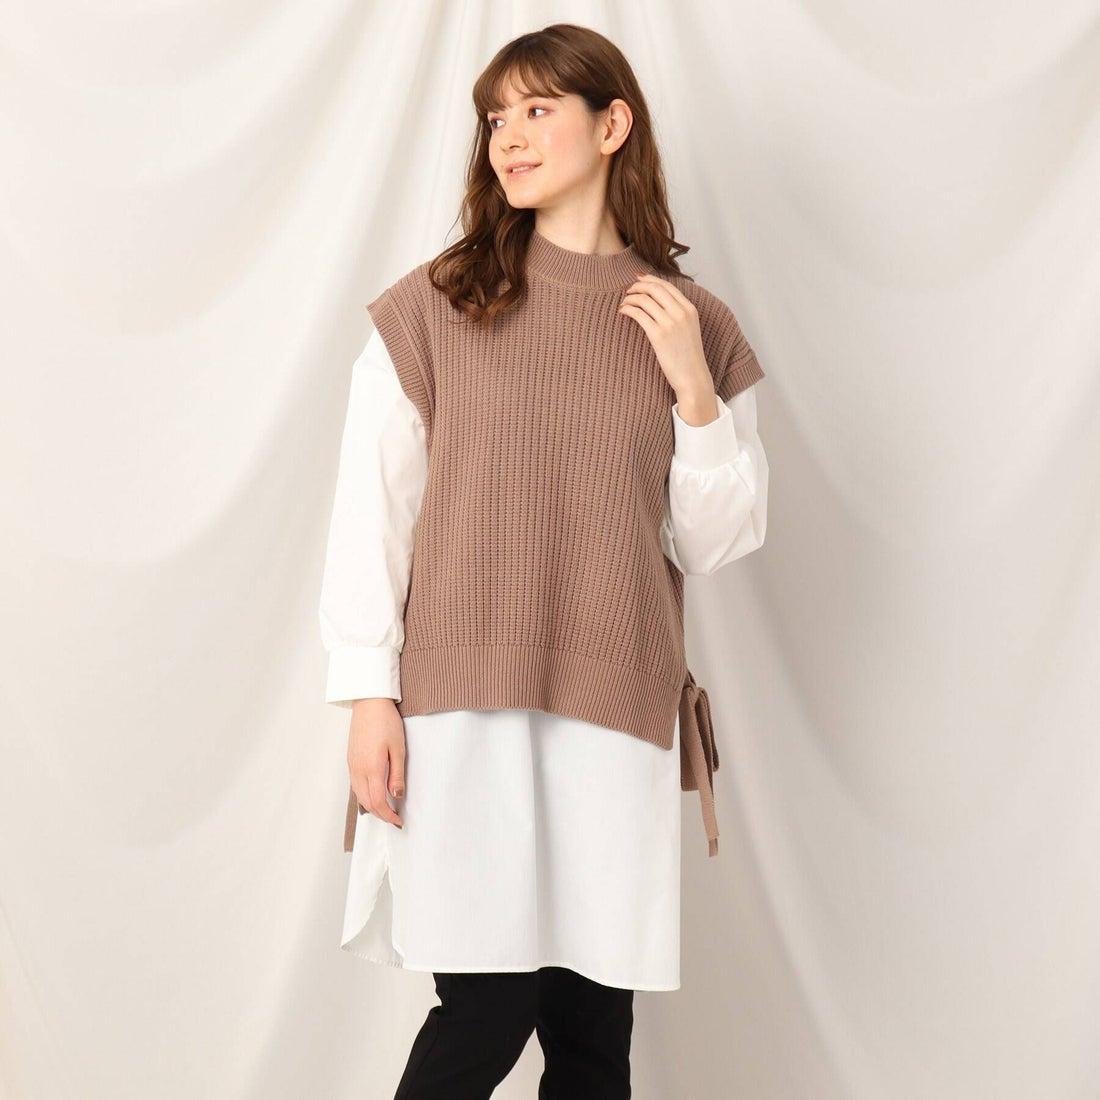 クチュール ブローチ Couture brooch ニットベストドッキングシャツチュニックワンピ (タバコブラウン)